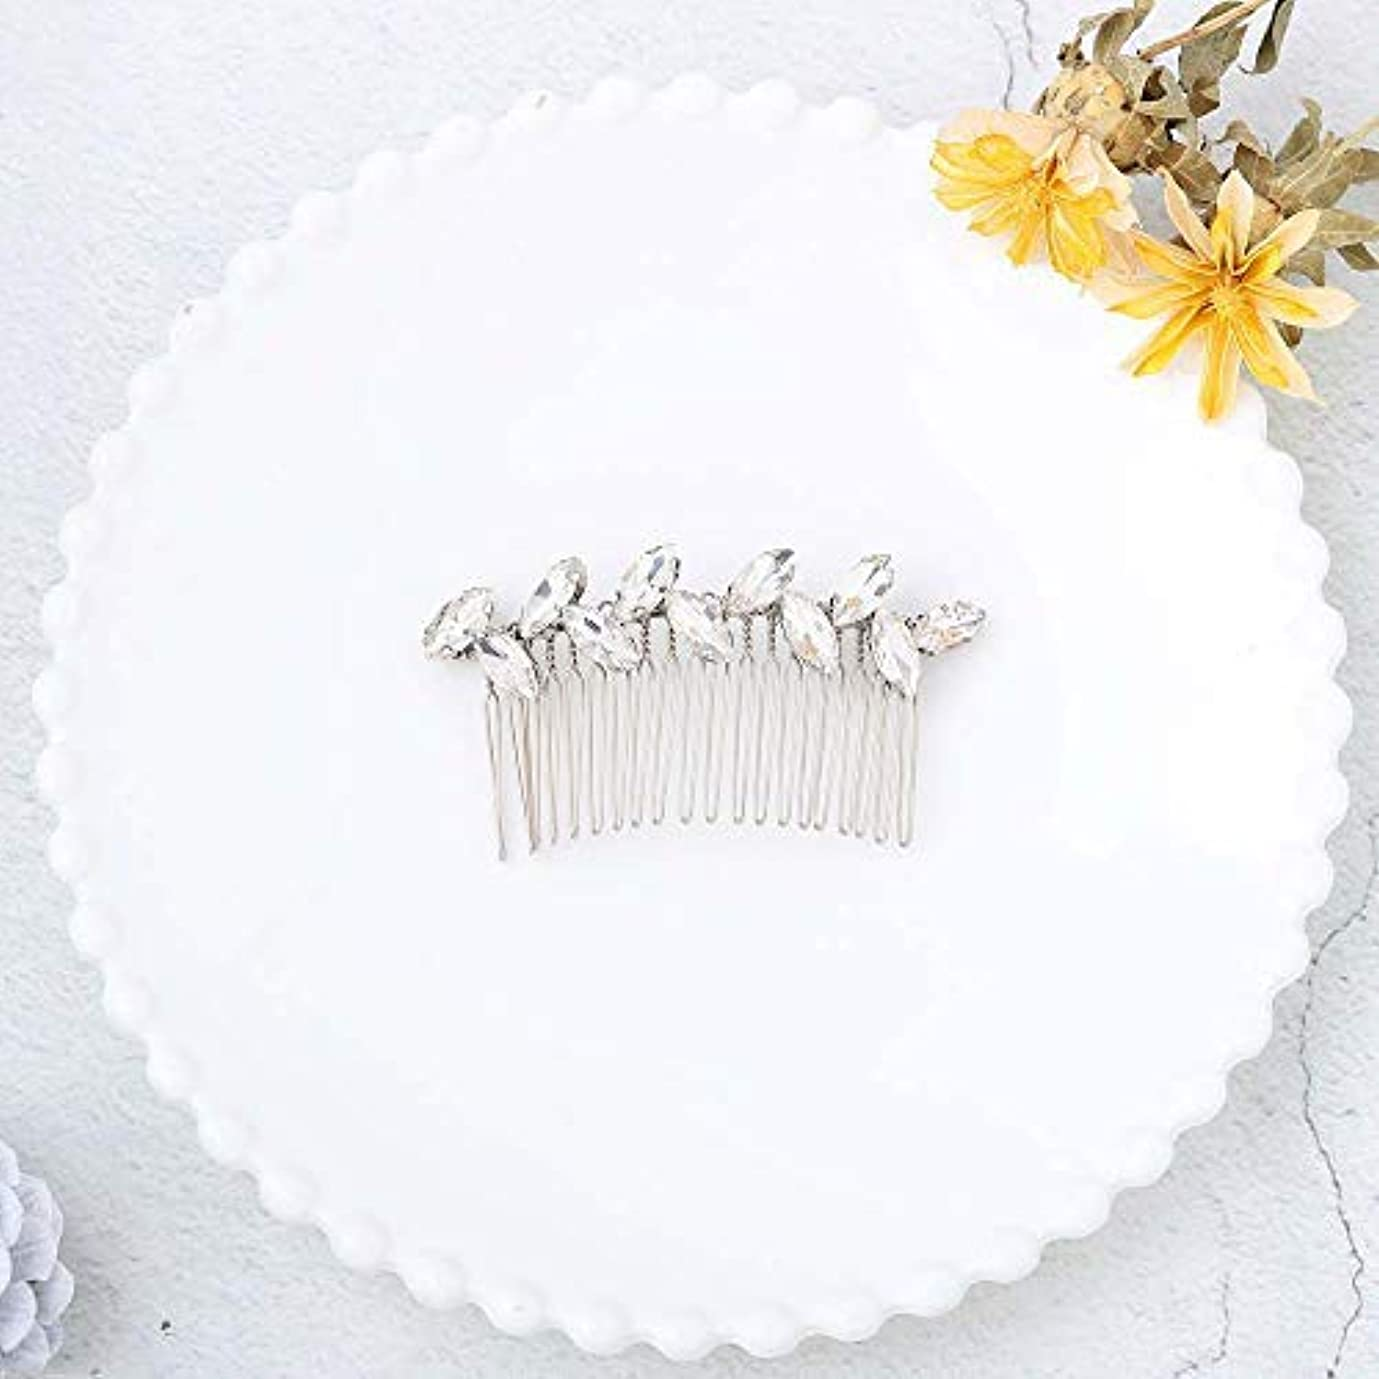 火薬無傷燃料Jovono Bride Wedding Hair Comb Bridal Headpieces with White Rhinestone for Women and Girls (Silver) [並行輸入品]